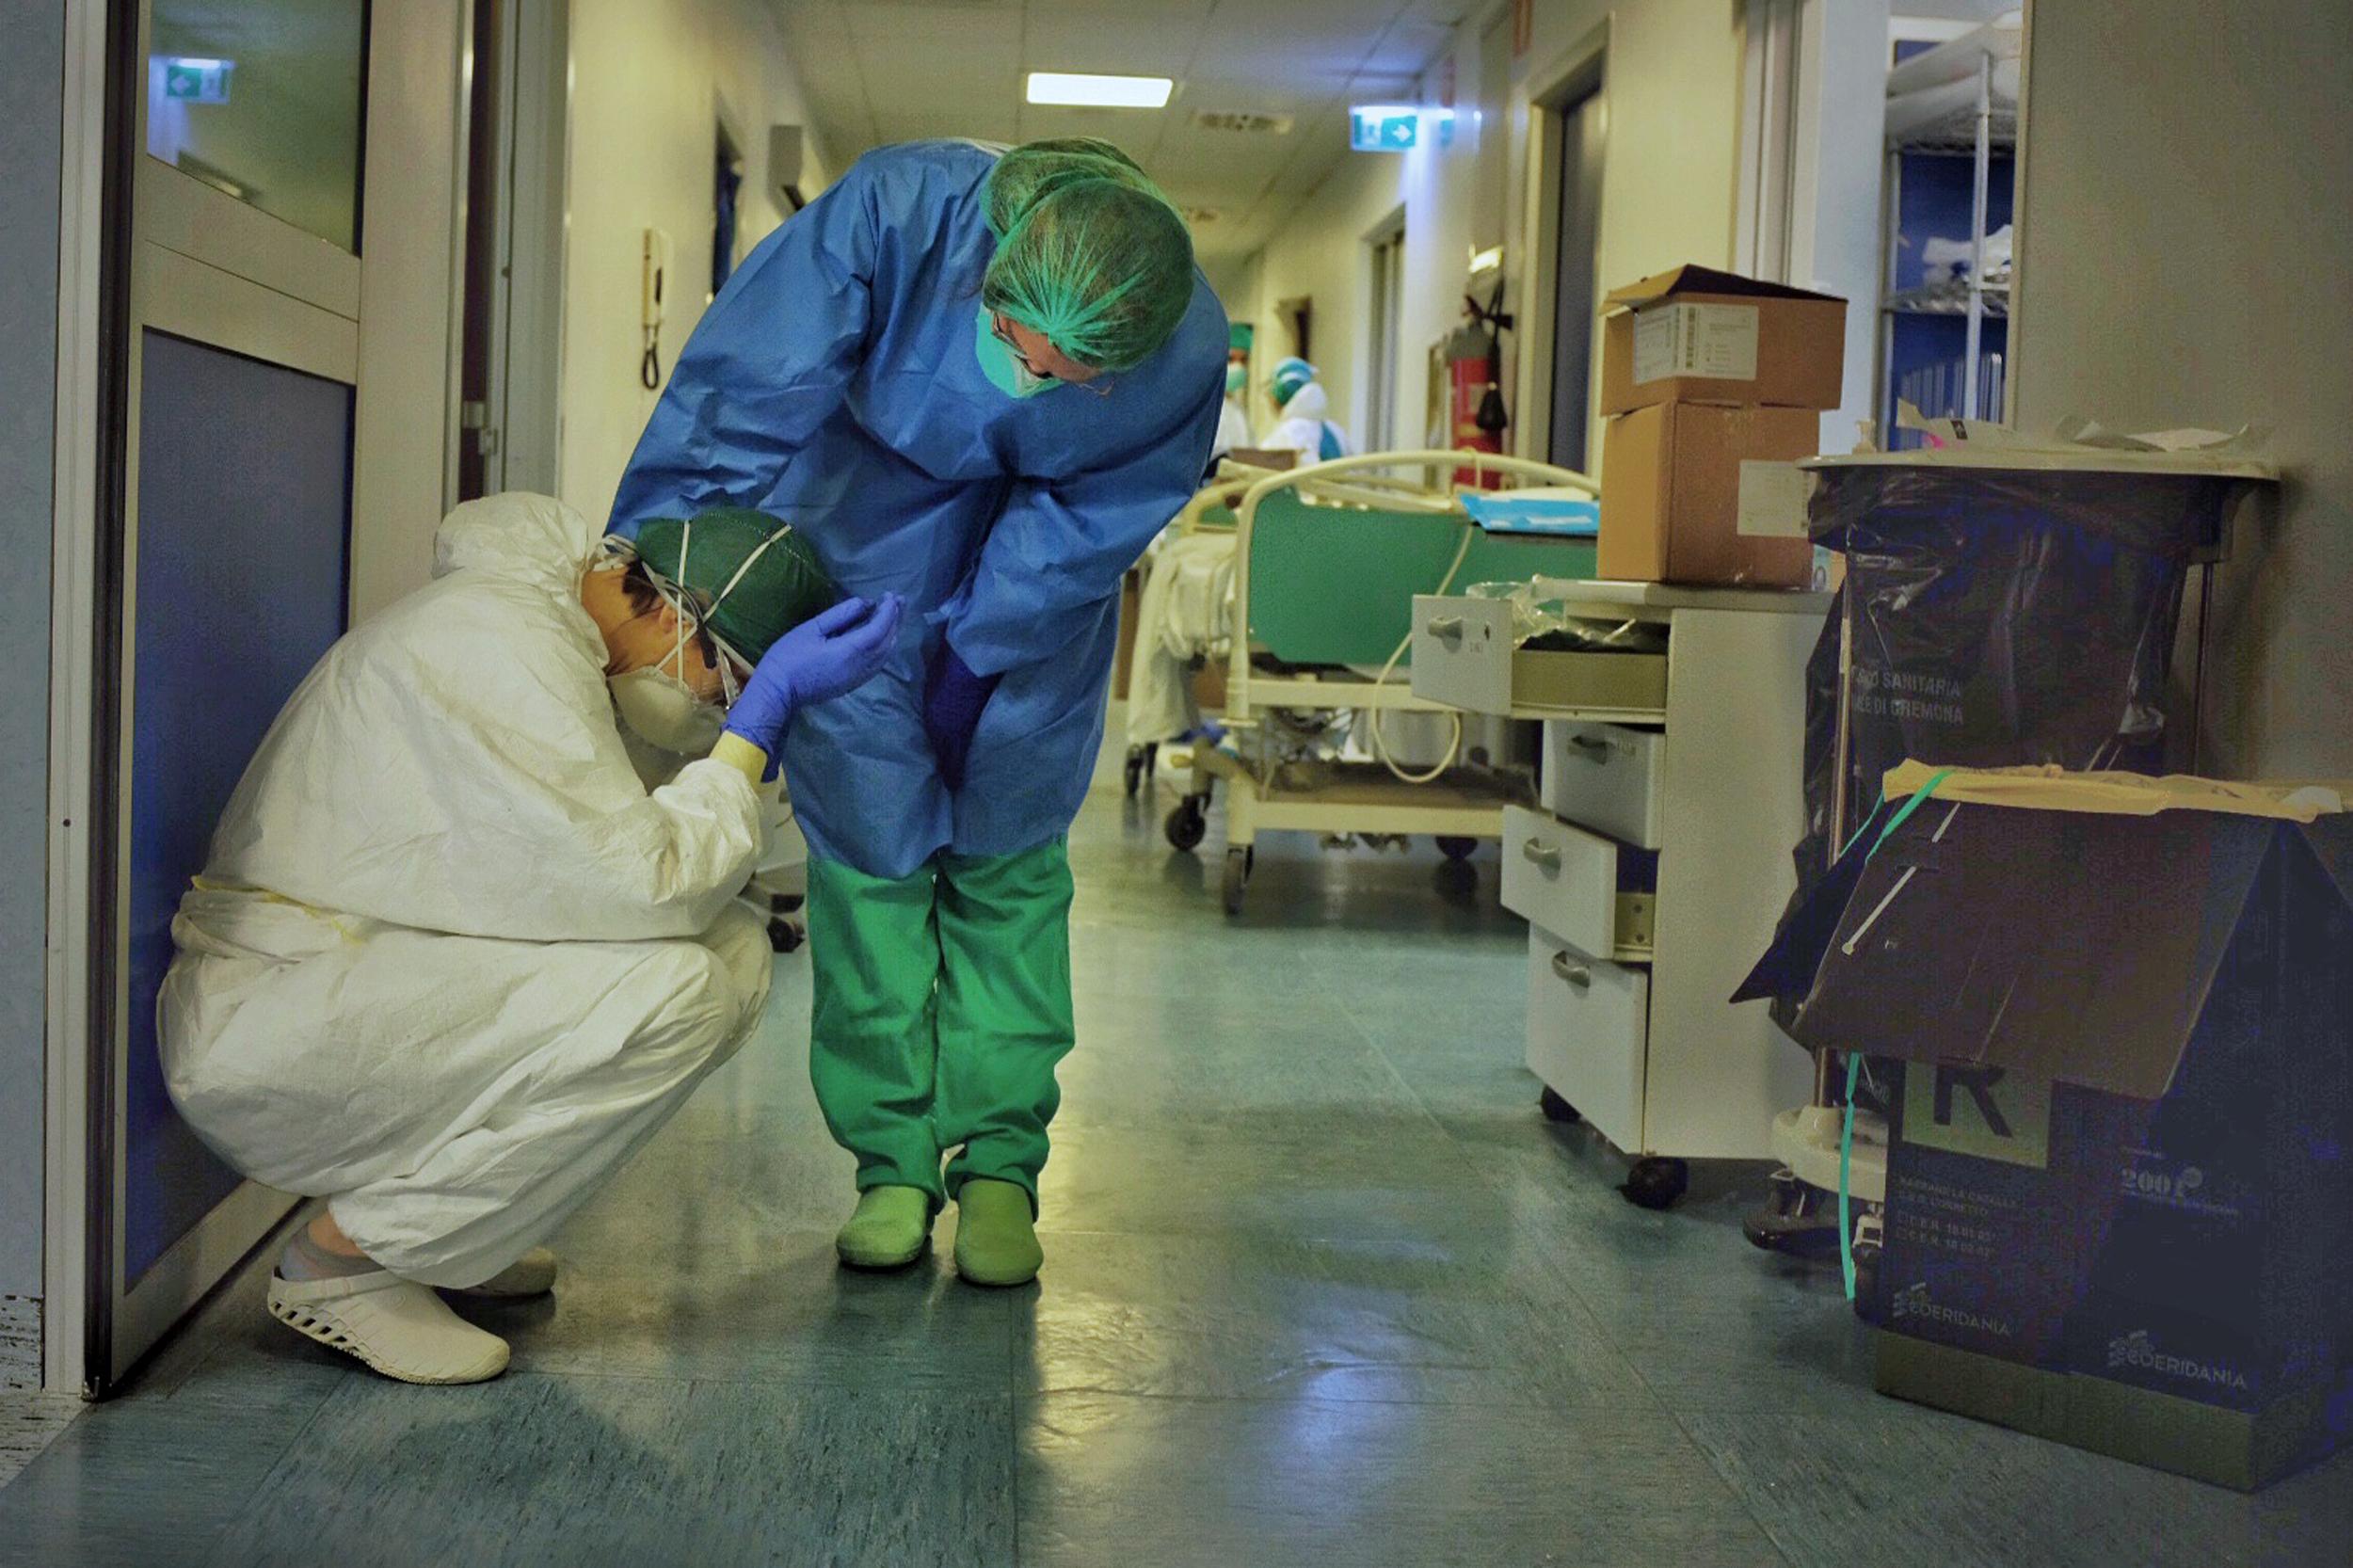 Rapor: Pandemi döneminde sağlık çalışanlarının durumu | Açık Radyo 95.0